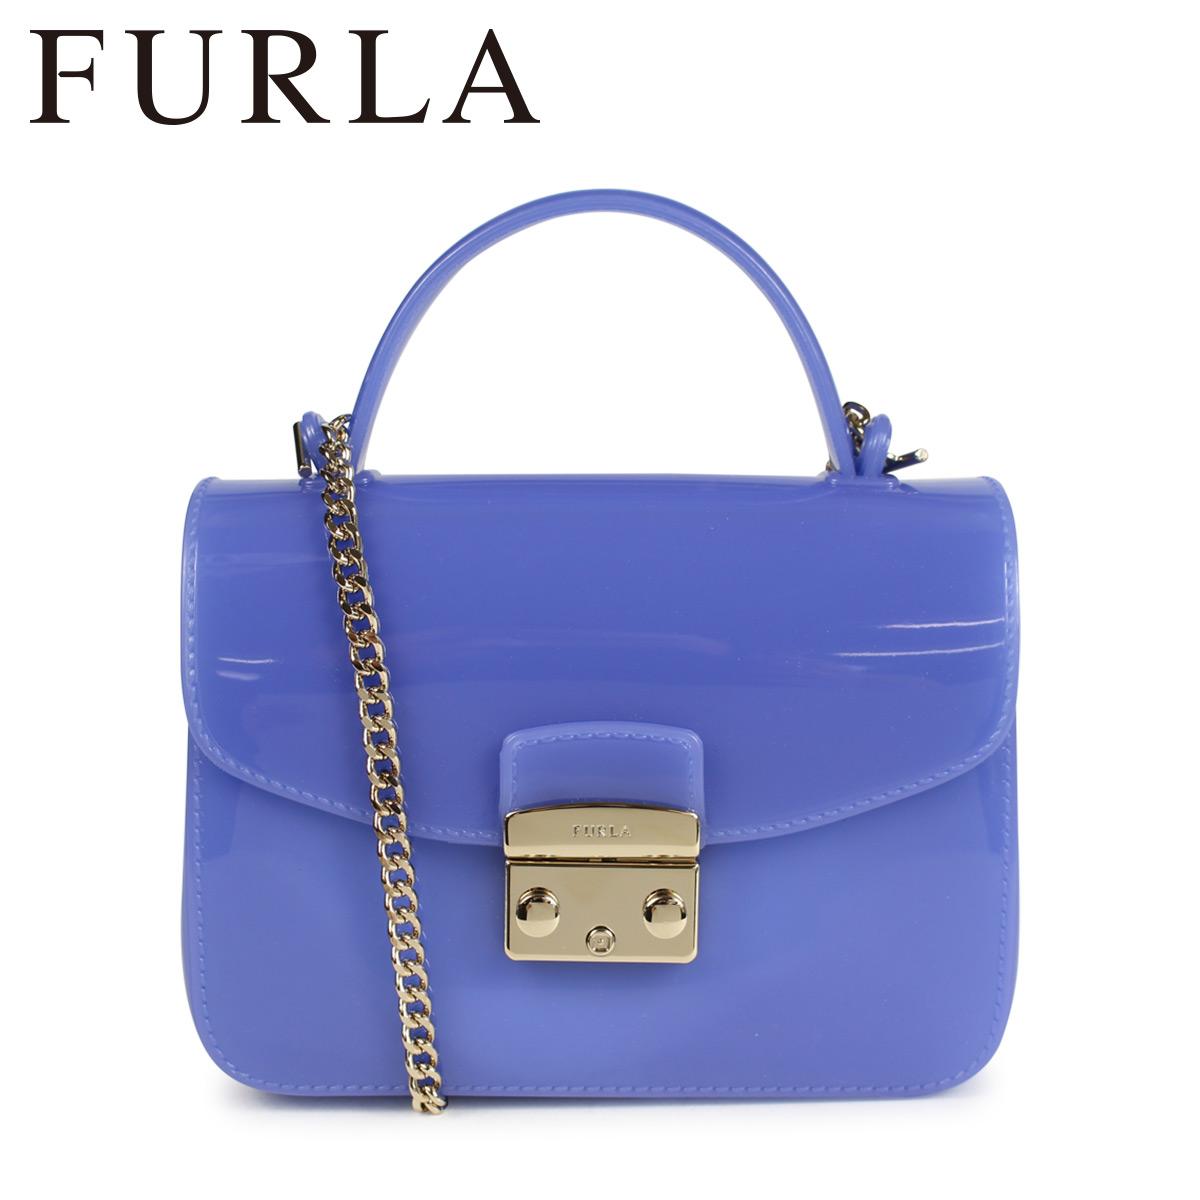 フルラ FURLA バッグ ショルダーバッグ レディース CANDY MERINGA MINI SHOULDER BAG ブルー 961667